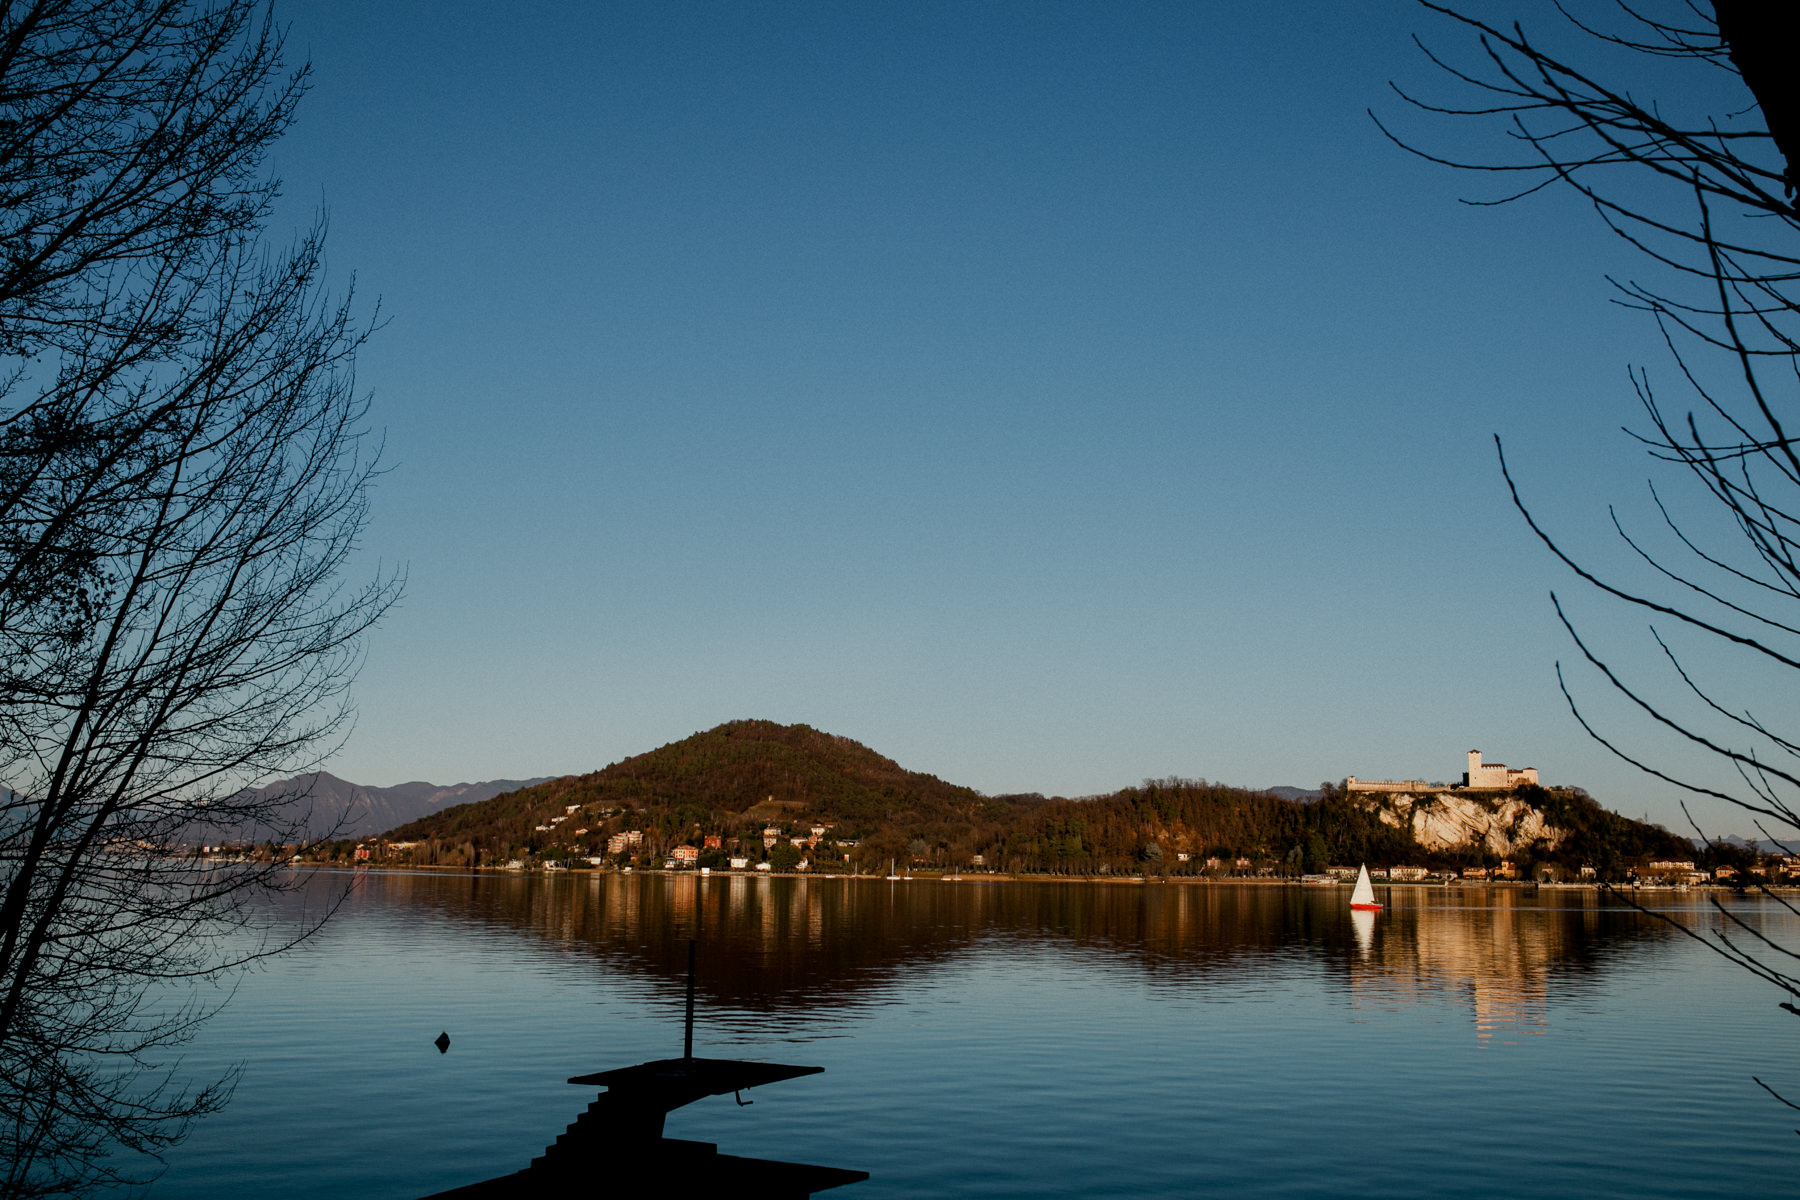 lago_maggiore_italy_liviafigueiredo_8498.jpg